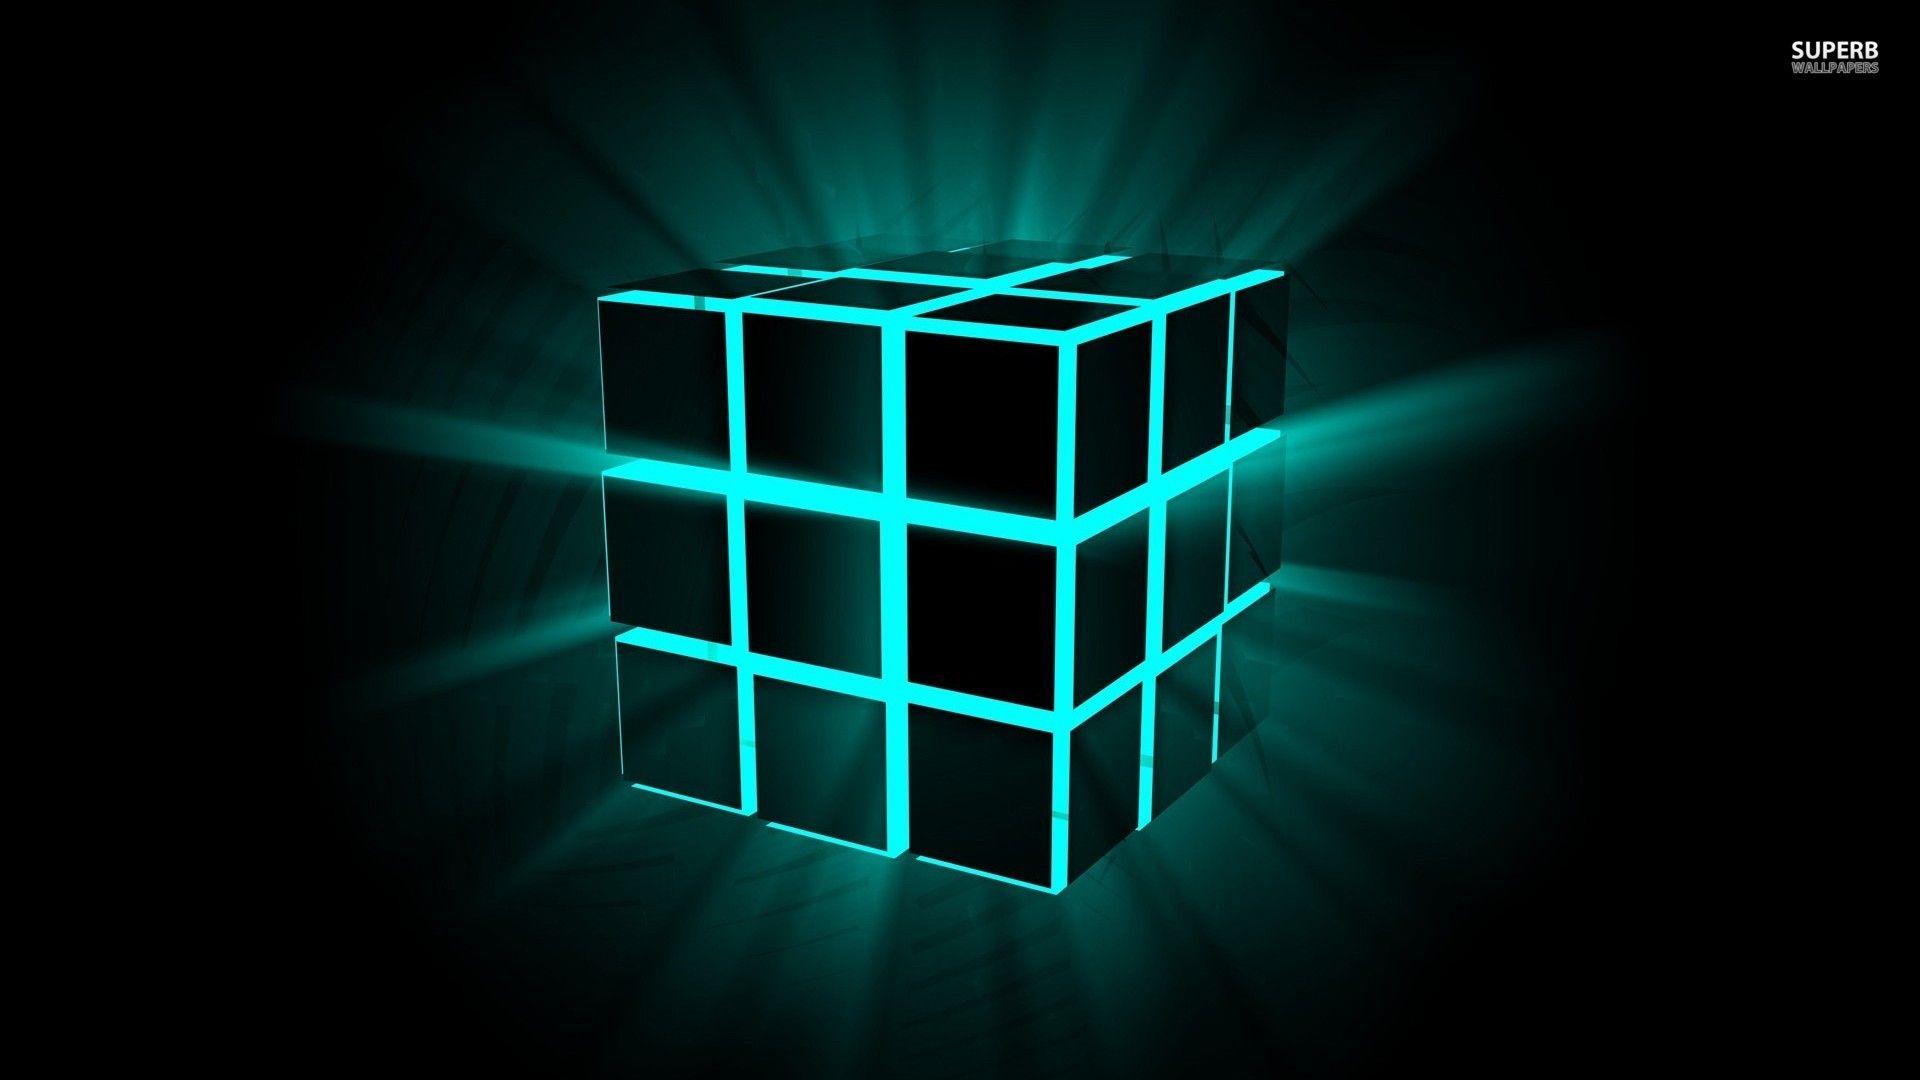 Neon Cubes HD Wallpaper   HD Wallpapers Inn 1920x1080